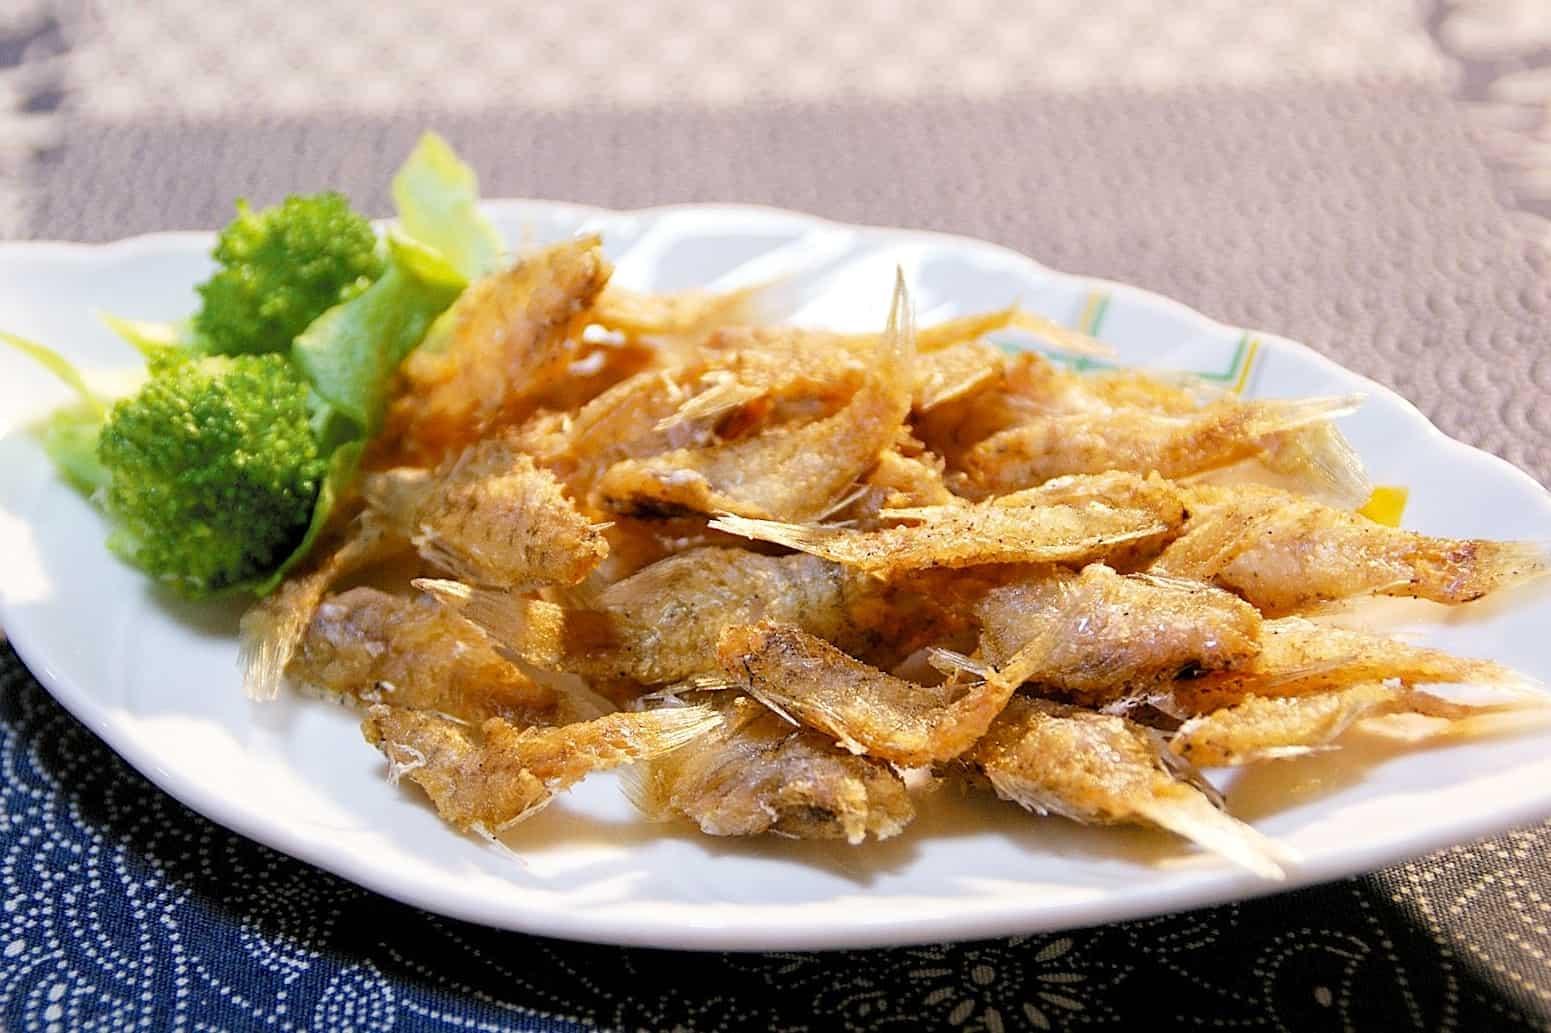 อาหาร ฮิโรชิม่า (Hiroshima Gourmet) - ปลาเนบุโตะ